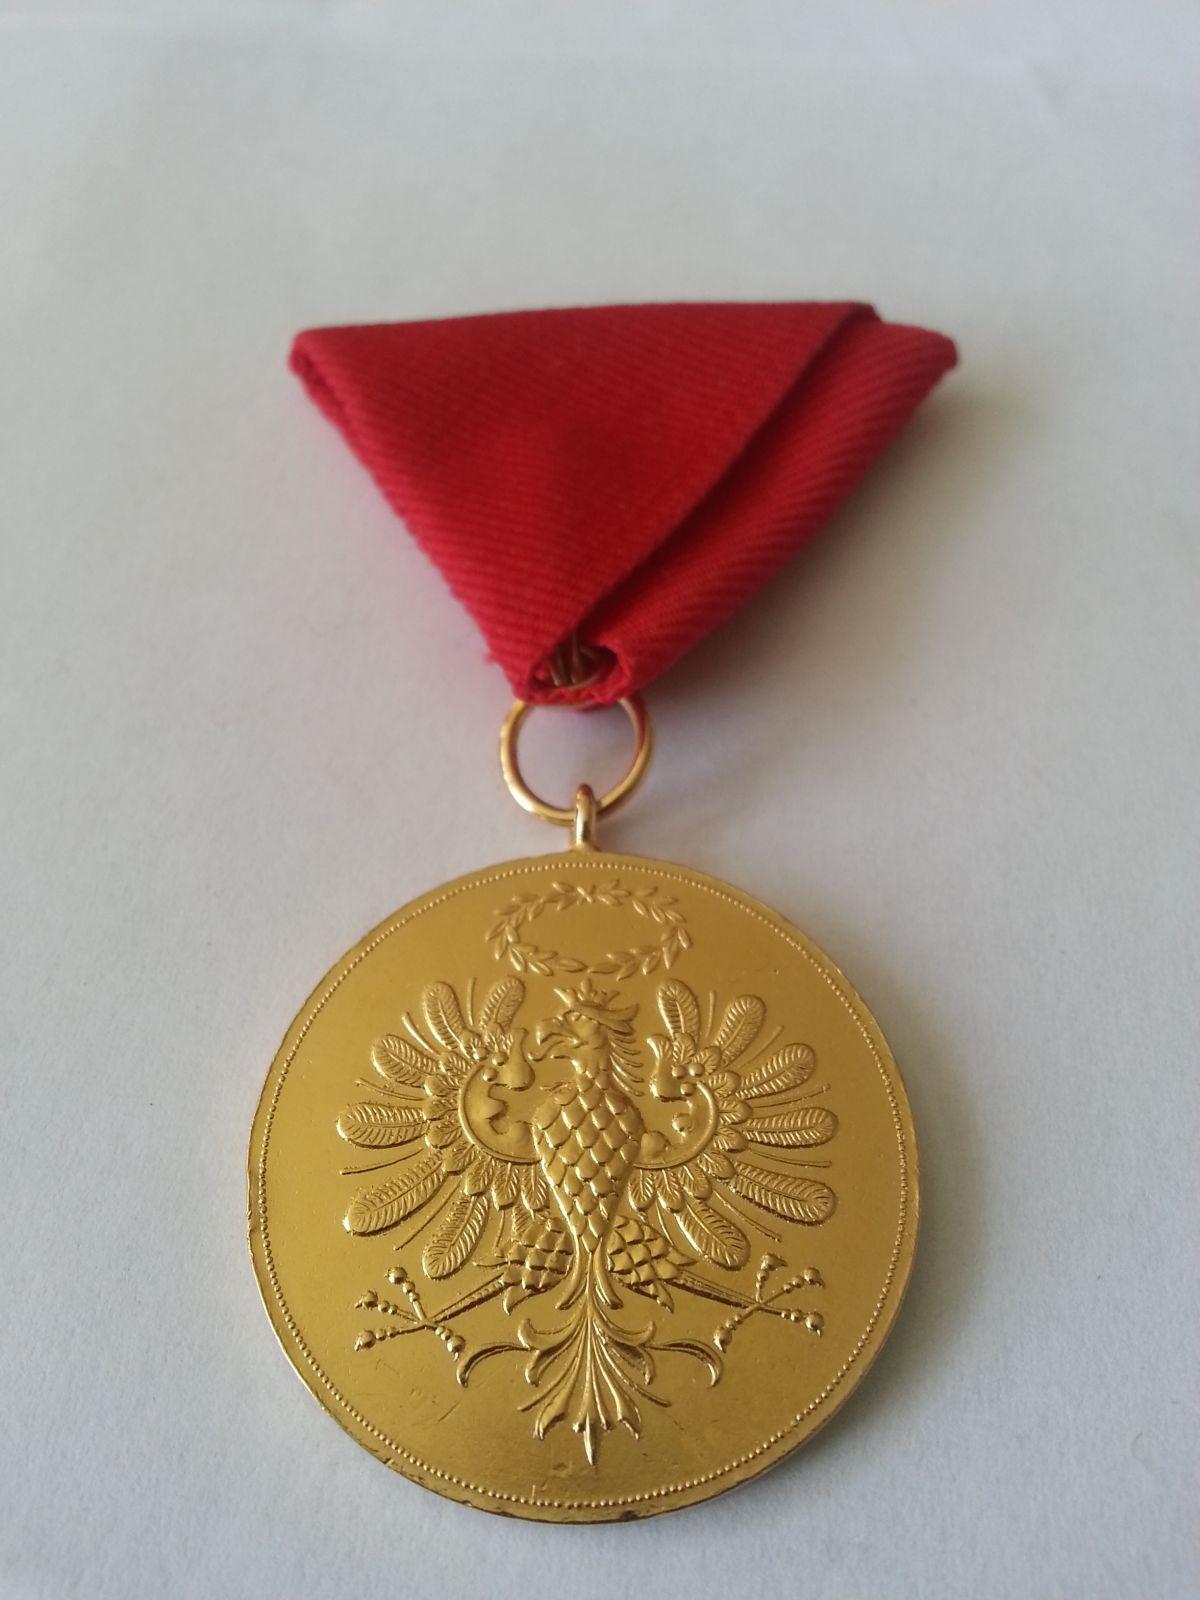 Tyrolská pamětní mediale, 1914-18, Rakousko-republika